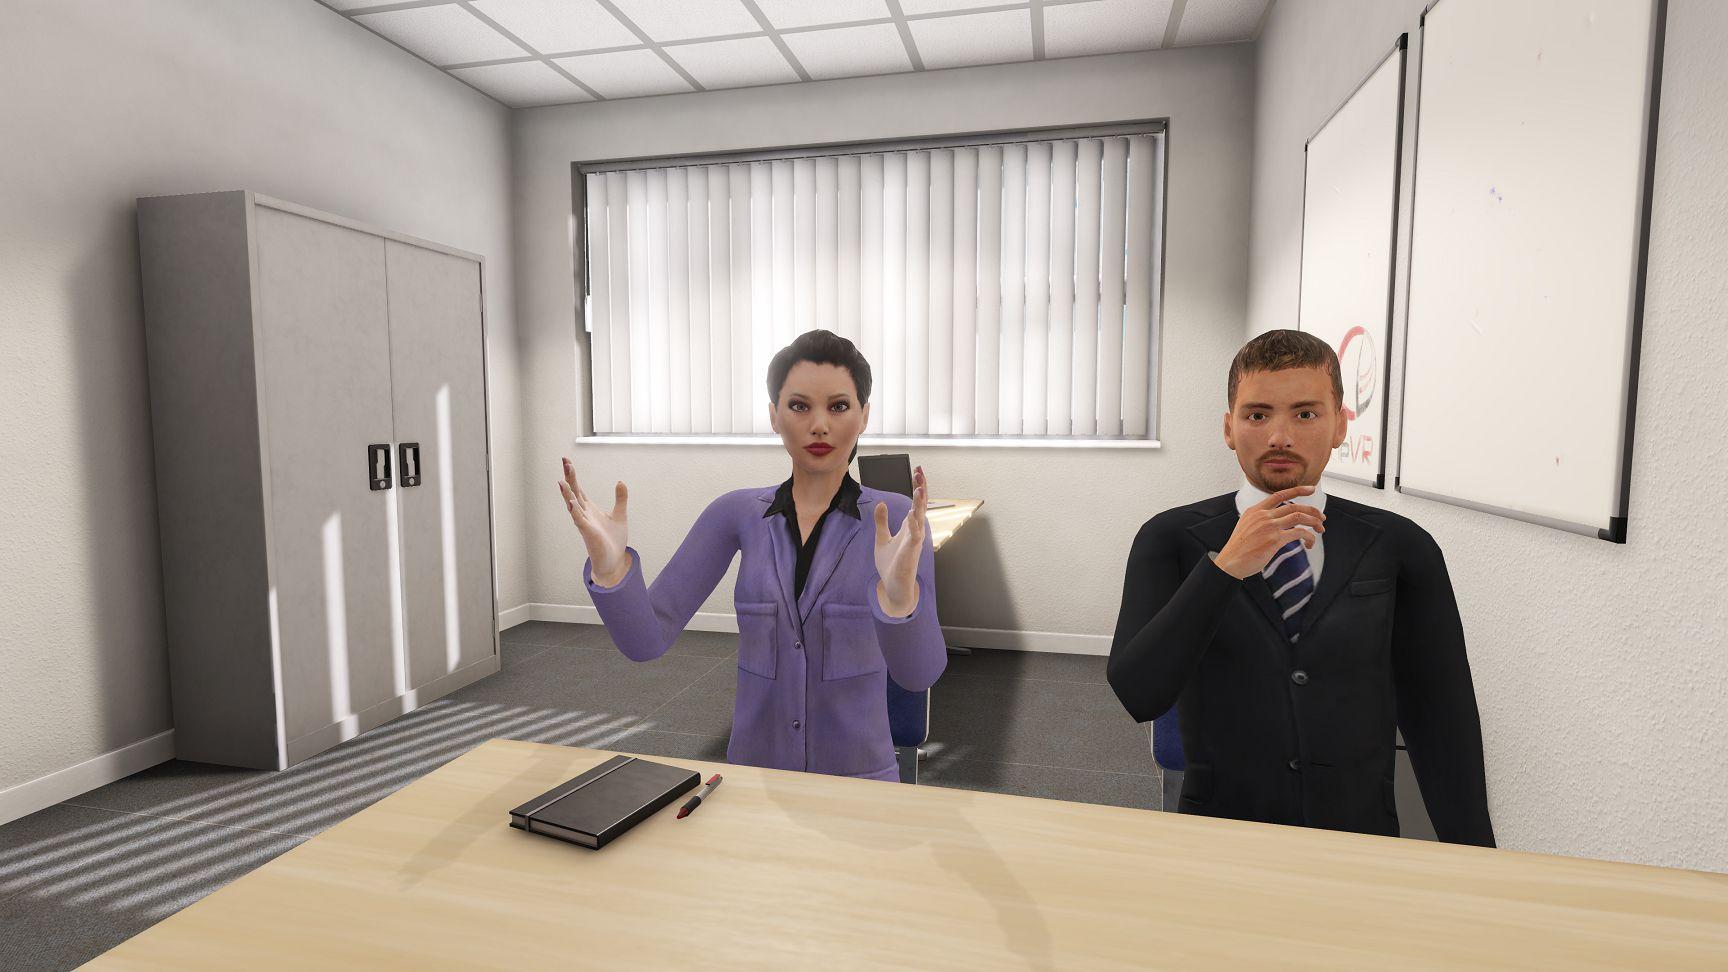 CleVR B.V. - dynamisch interactieve VR - kantoor,- overlegsituatiekopie